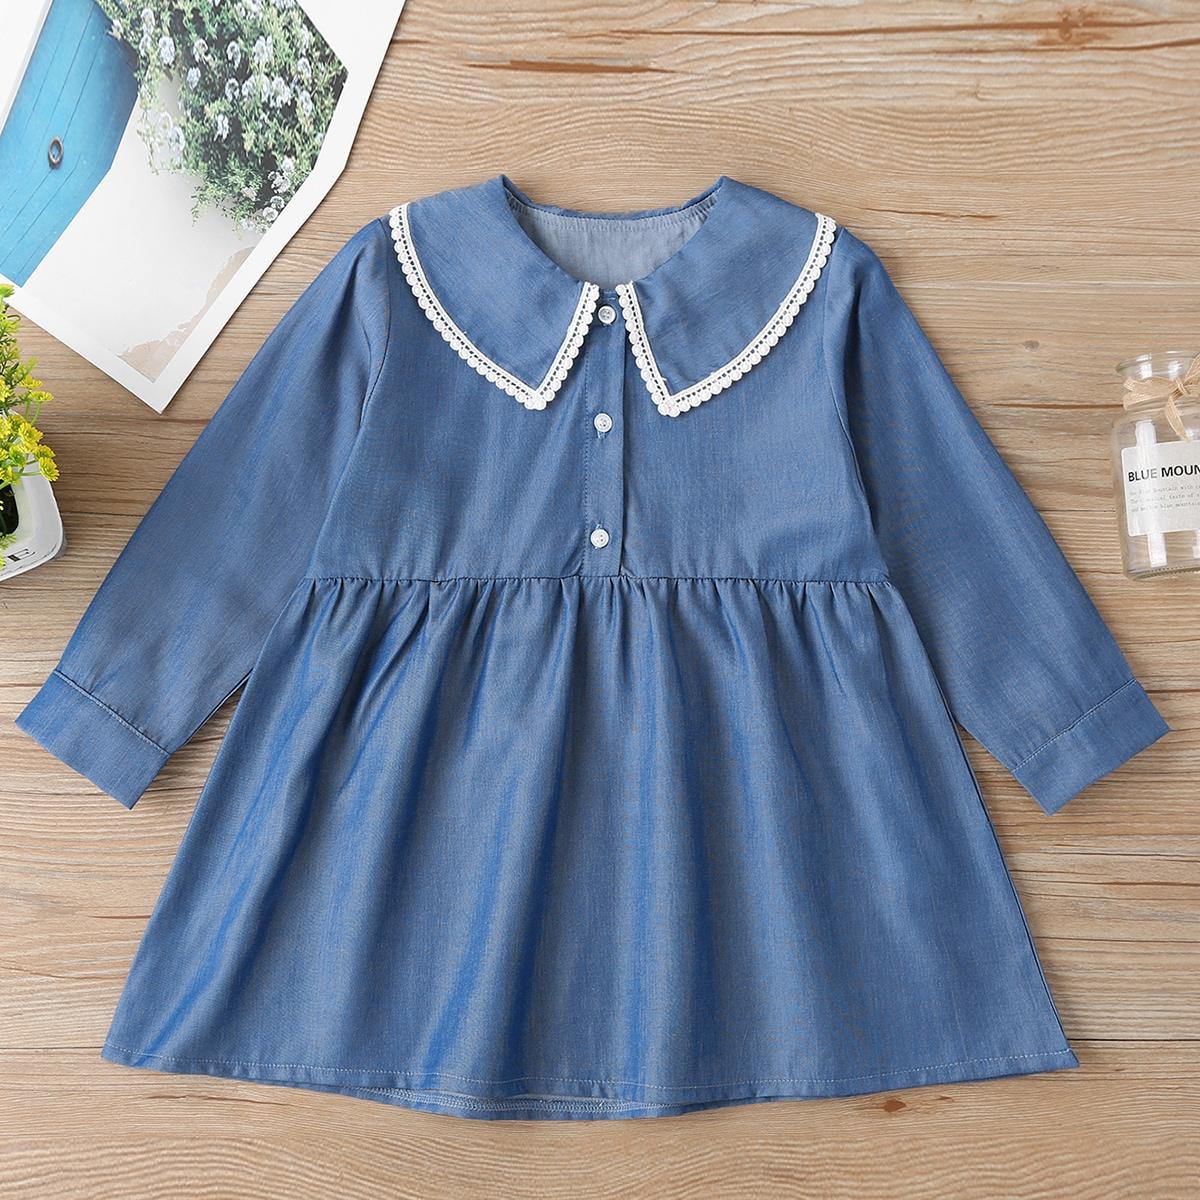 Контрастные кружева милый джинсовые платья для девочек